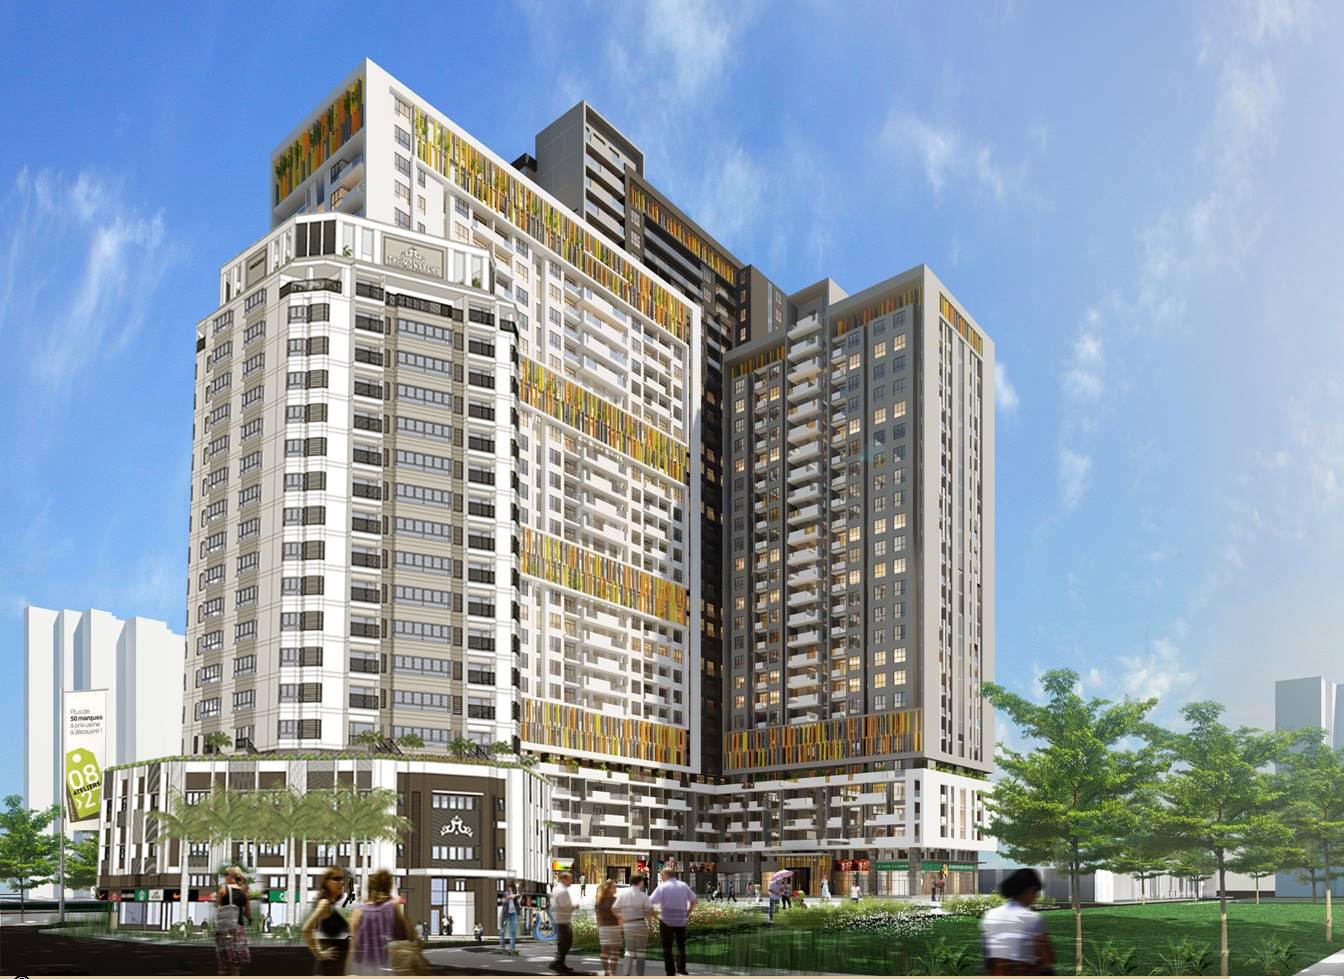 Sàn VRM nhận giữ chỗ căn hộ Monarchy Block B – Thỏa sức chọn vị trí đẹp nhất –LH 0914106080